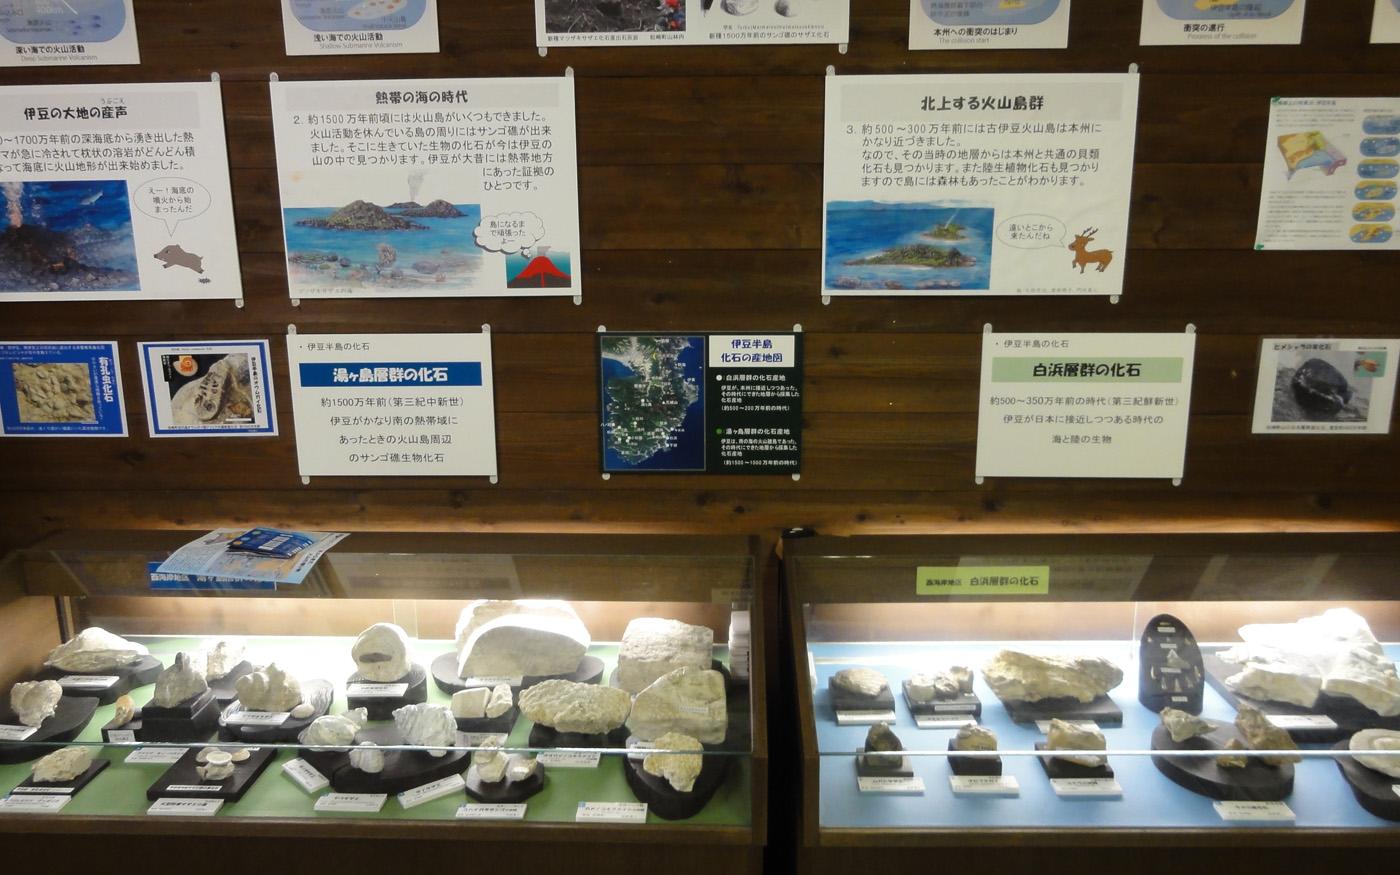 松崎ビジターセンター